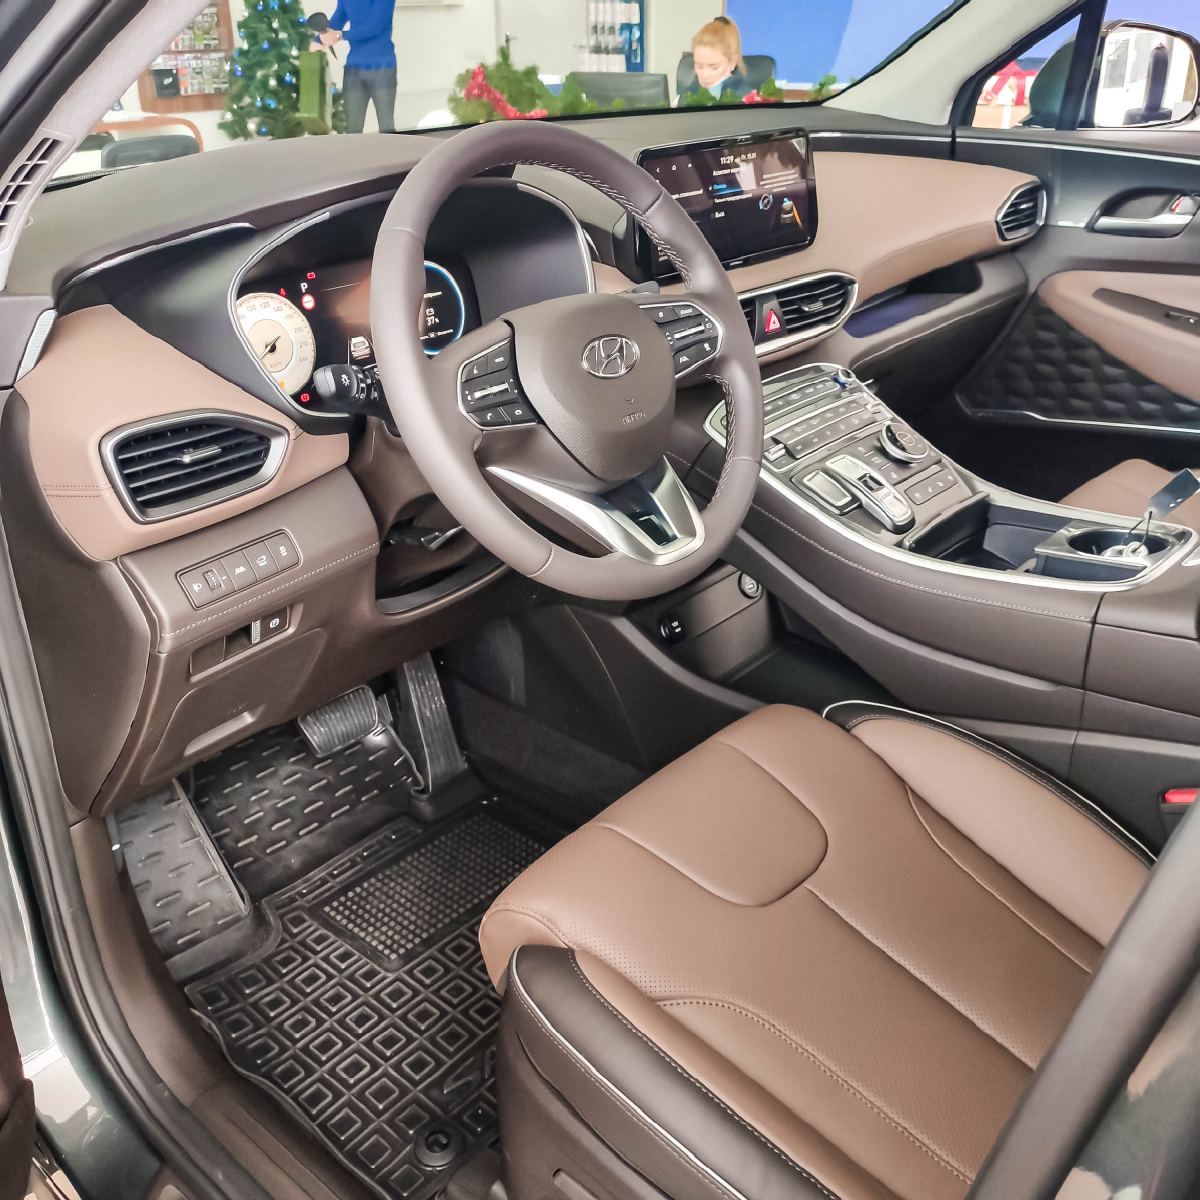 Якби комфорт і розкіш можна було б описати - це був би Hyundai Santa Fe!   Хюндай Мотор Україна - фото 9